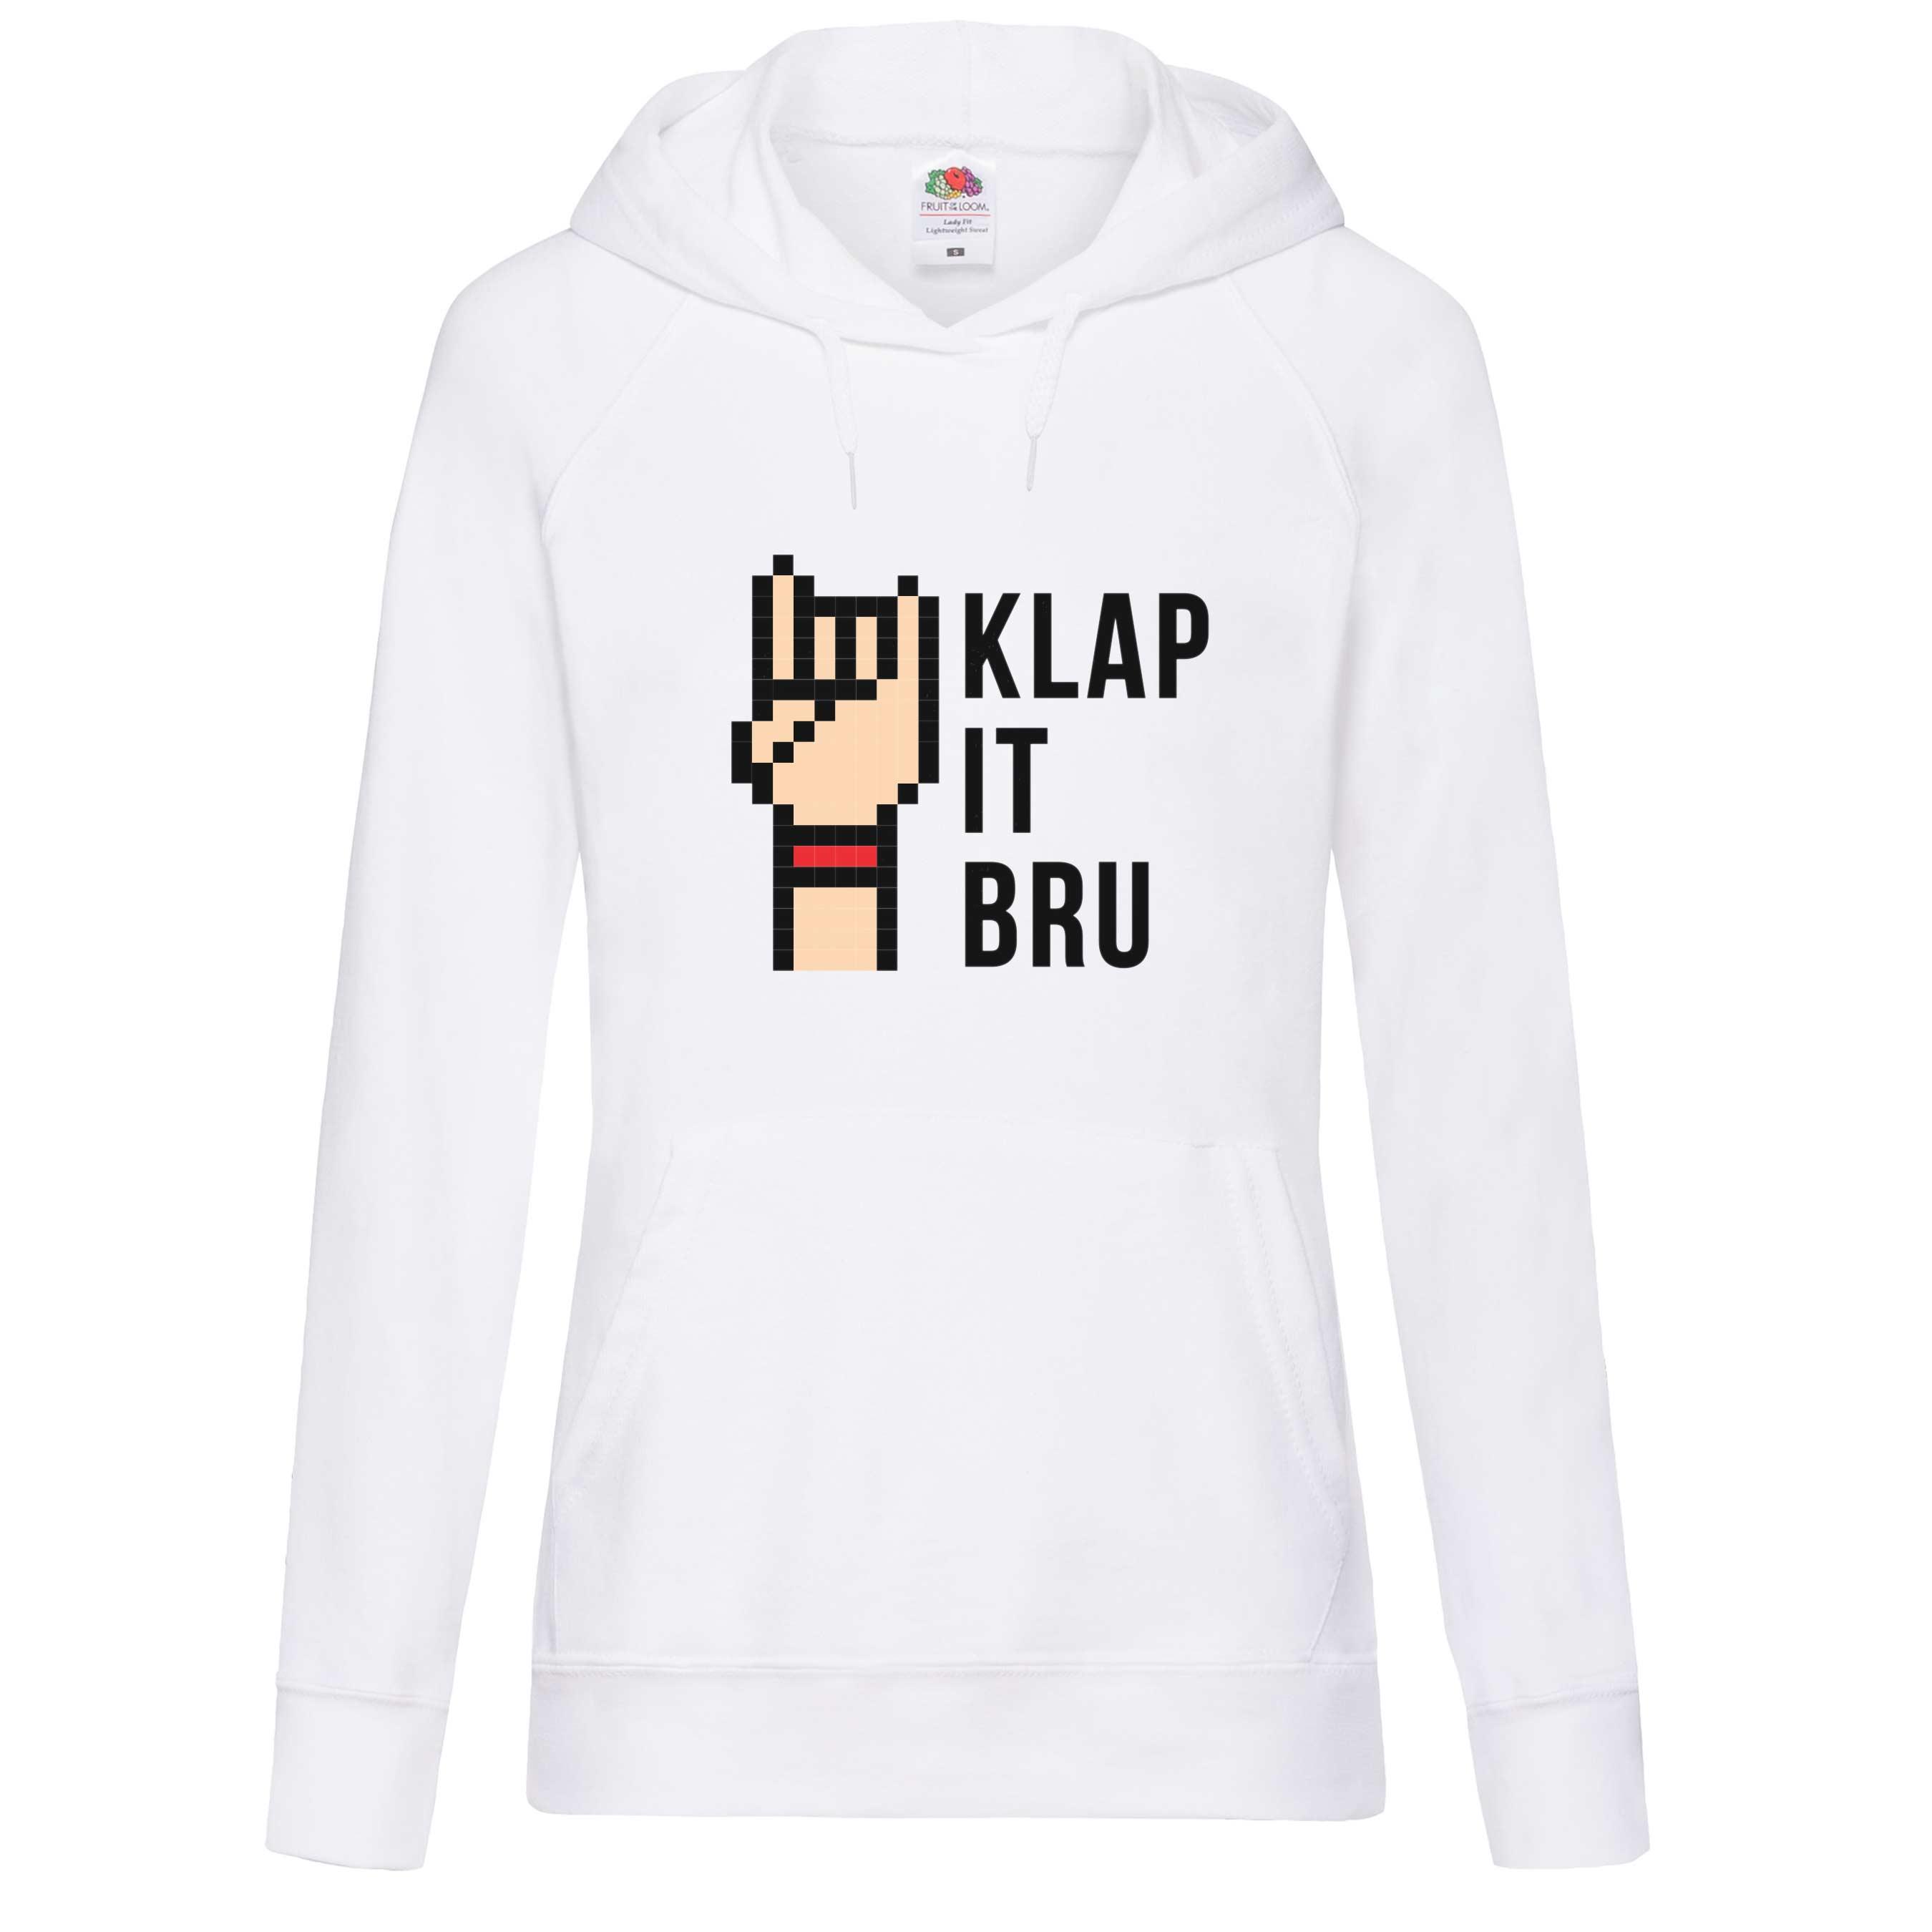 Klap It Bru design for t-shirt, hoodie & sweatshirt